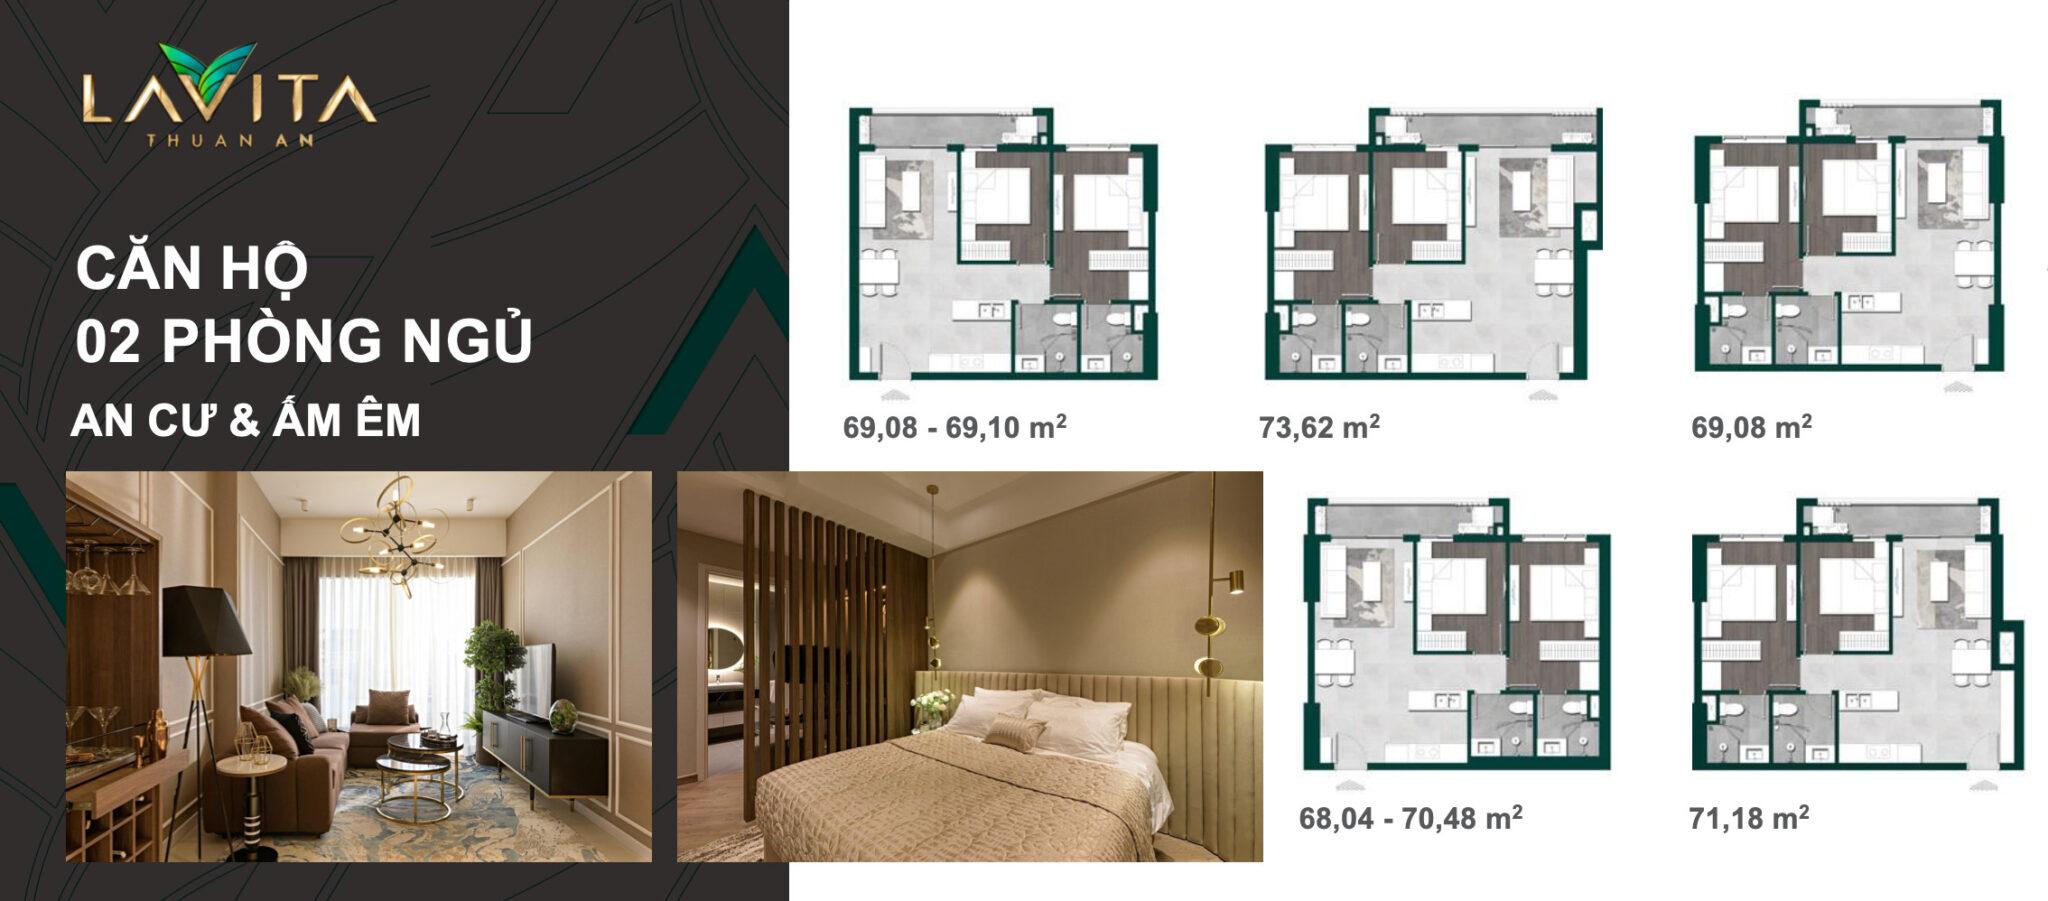 Căn Hộ 02 Phòng Ngủ